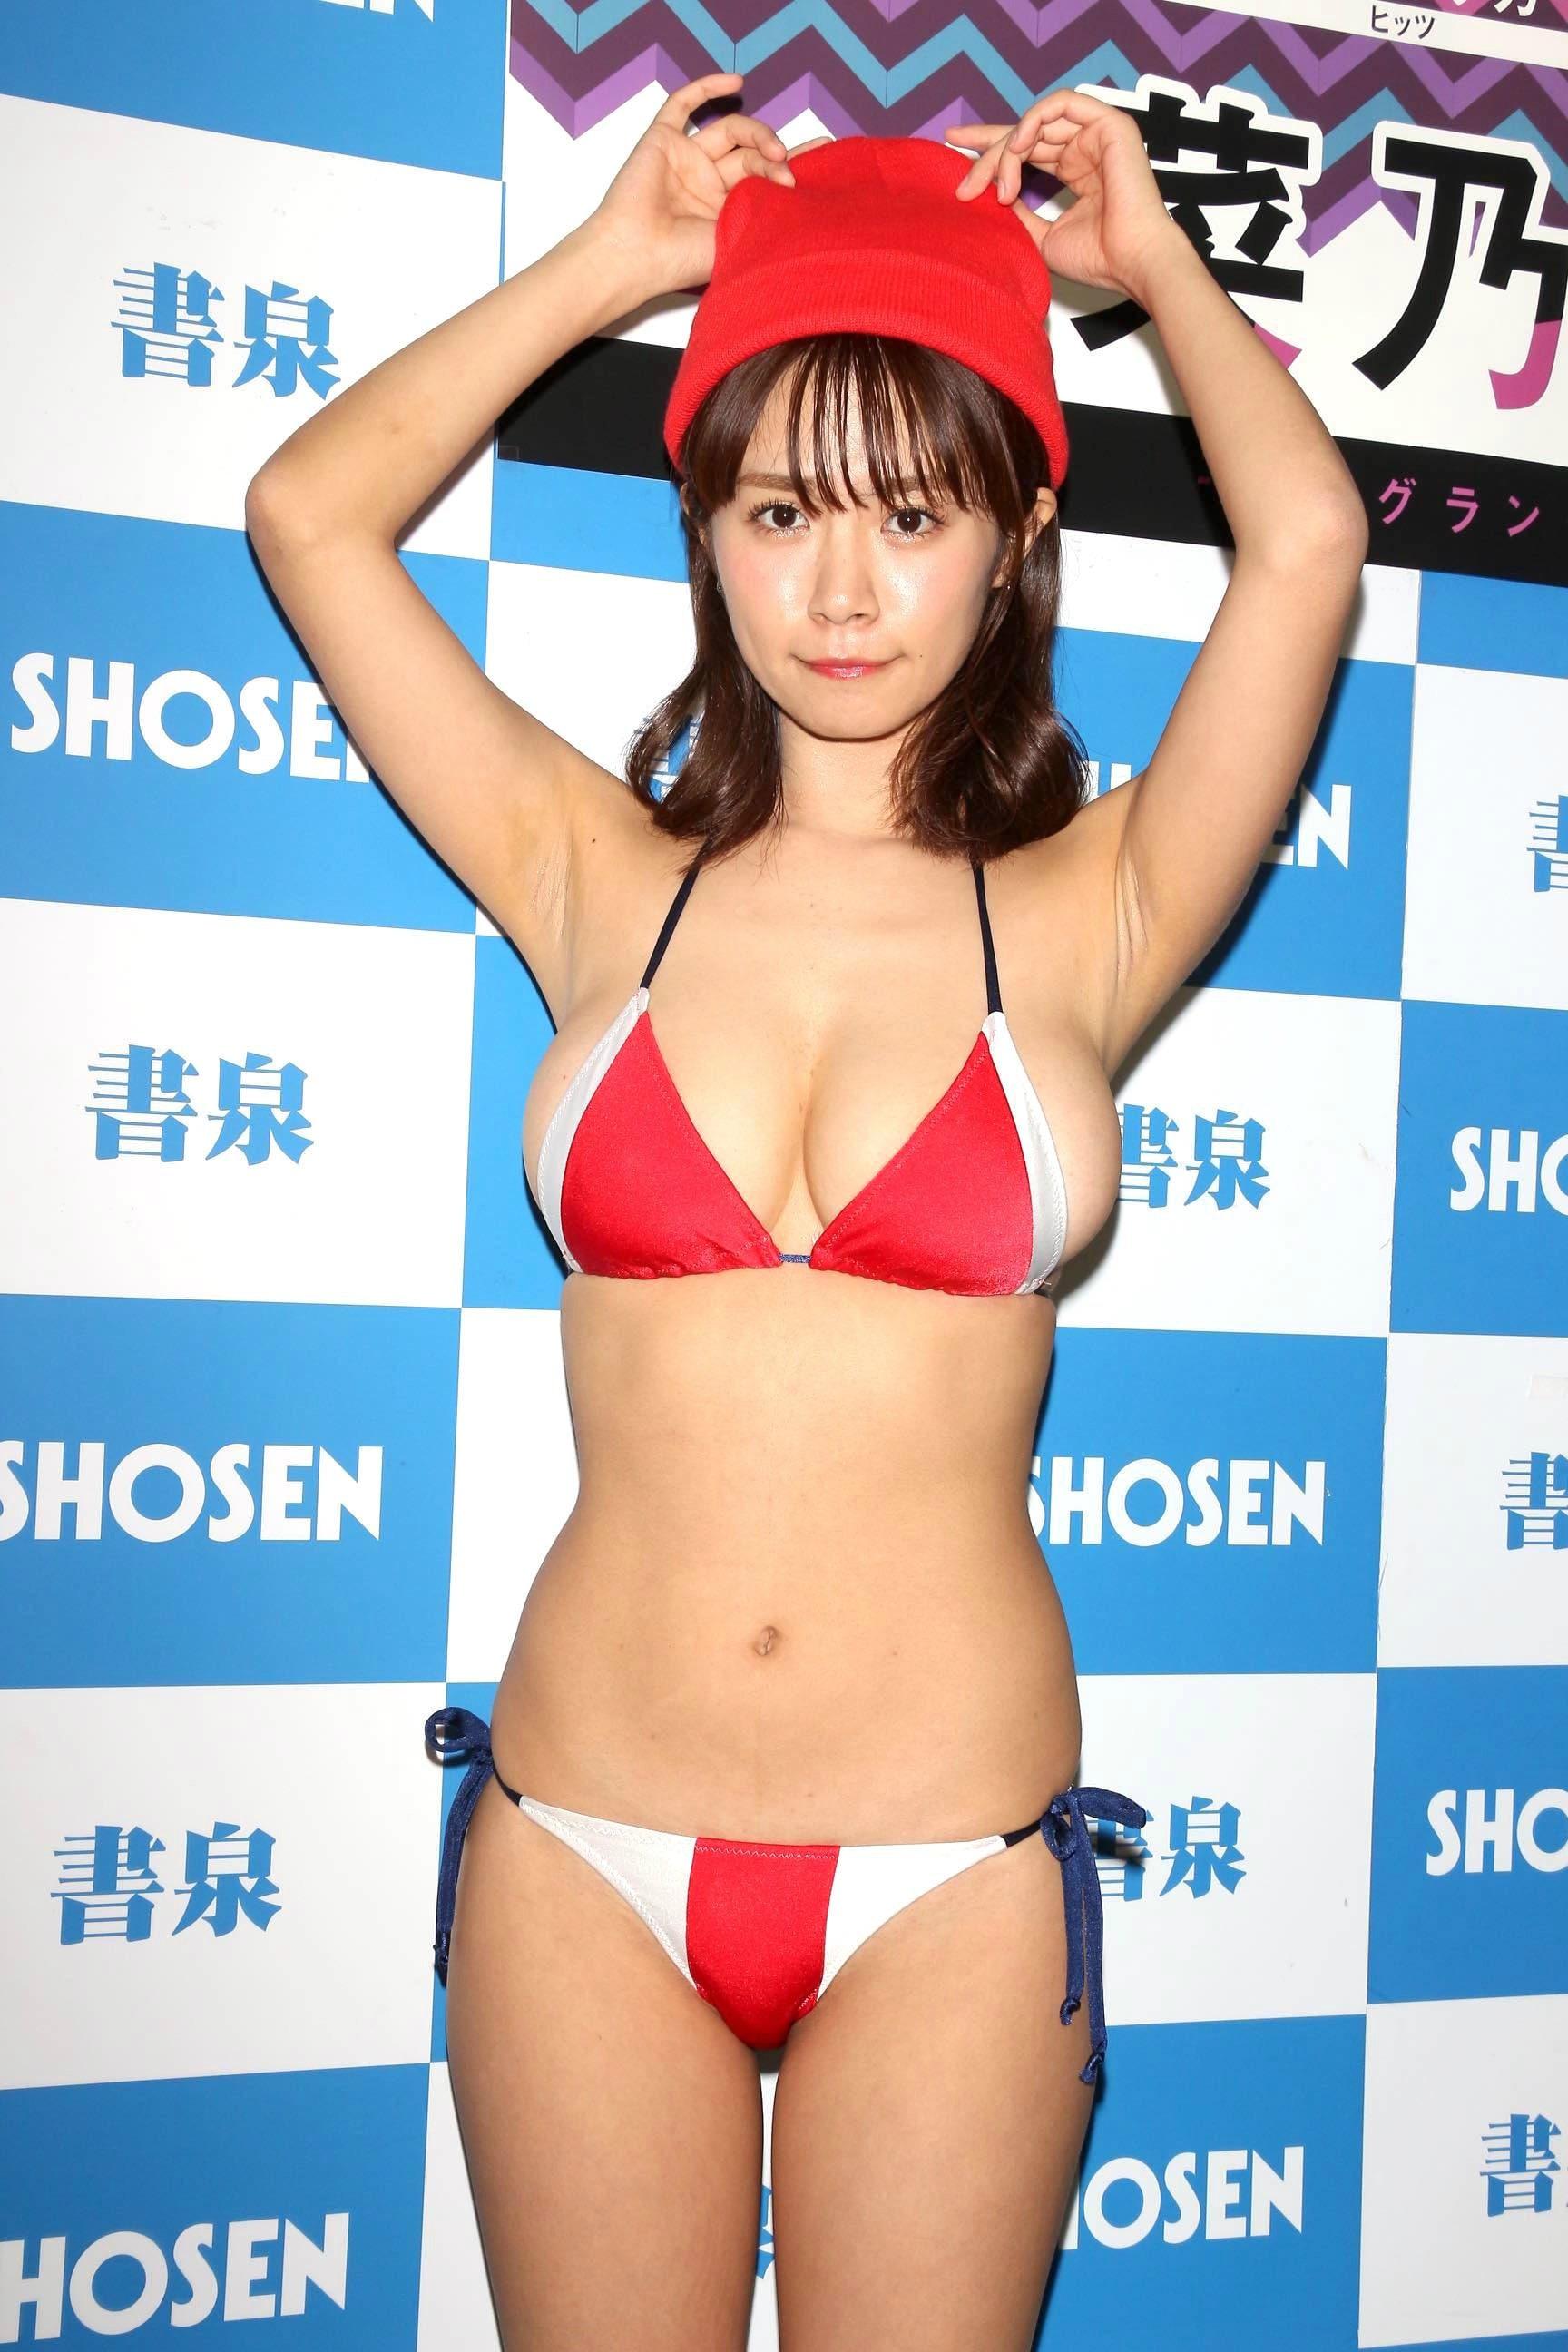 菜乃花「キス600回」を経験し、慣れてきた!?【写真18枚】の画像006